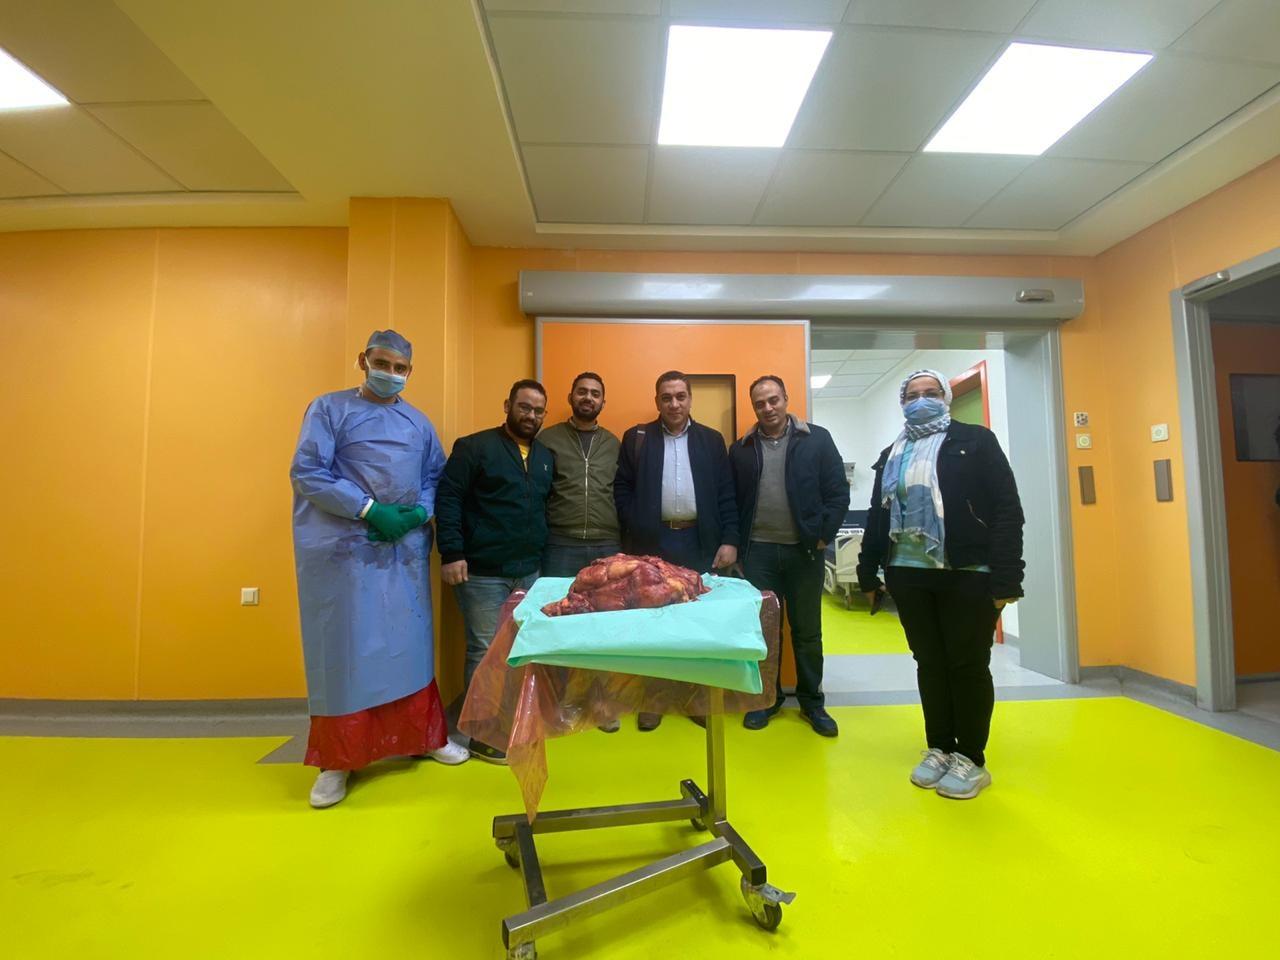 في 6 ساعات.. فريق طبي ينقذ حياة مريض باستئصال ورم خبيث وزنه 30 كجم